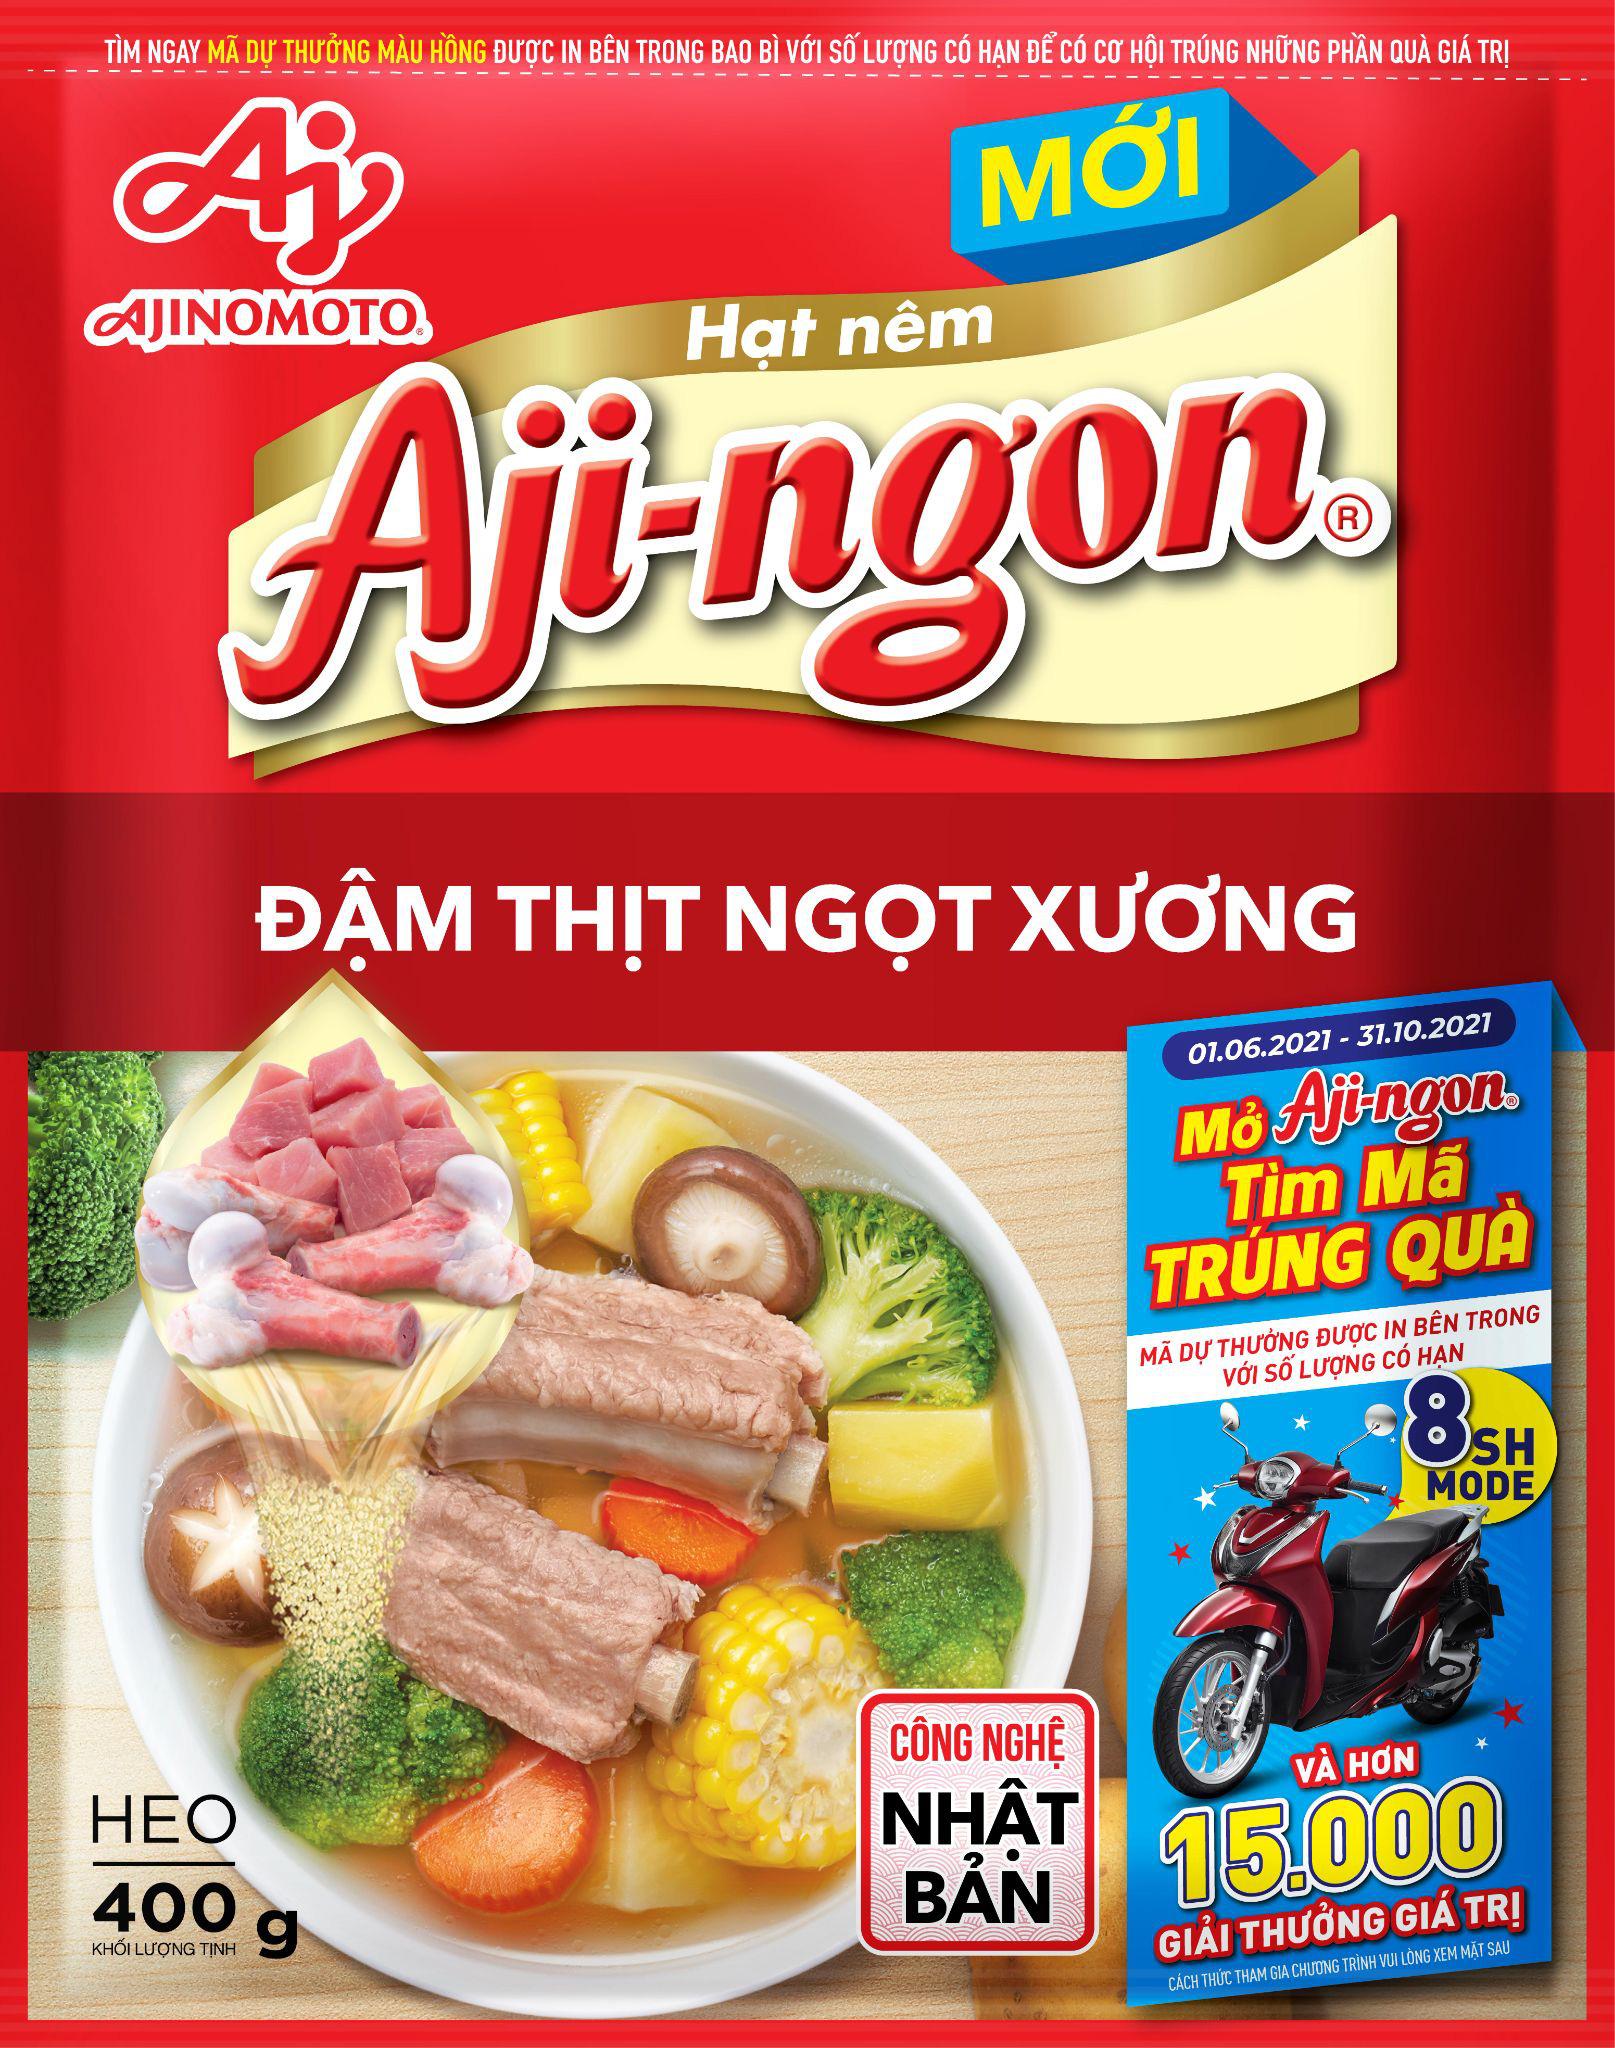 Hè rộn ràng với hơn 15.000 giải thưởng hấp dẫn từ Aji-ngon® - Ảnh 2.